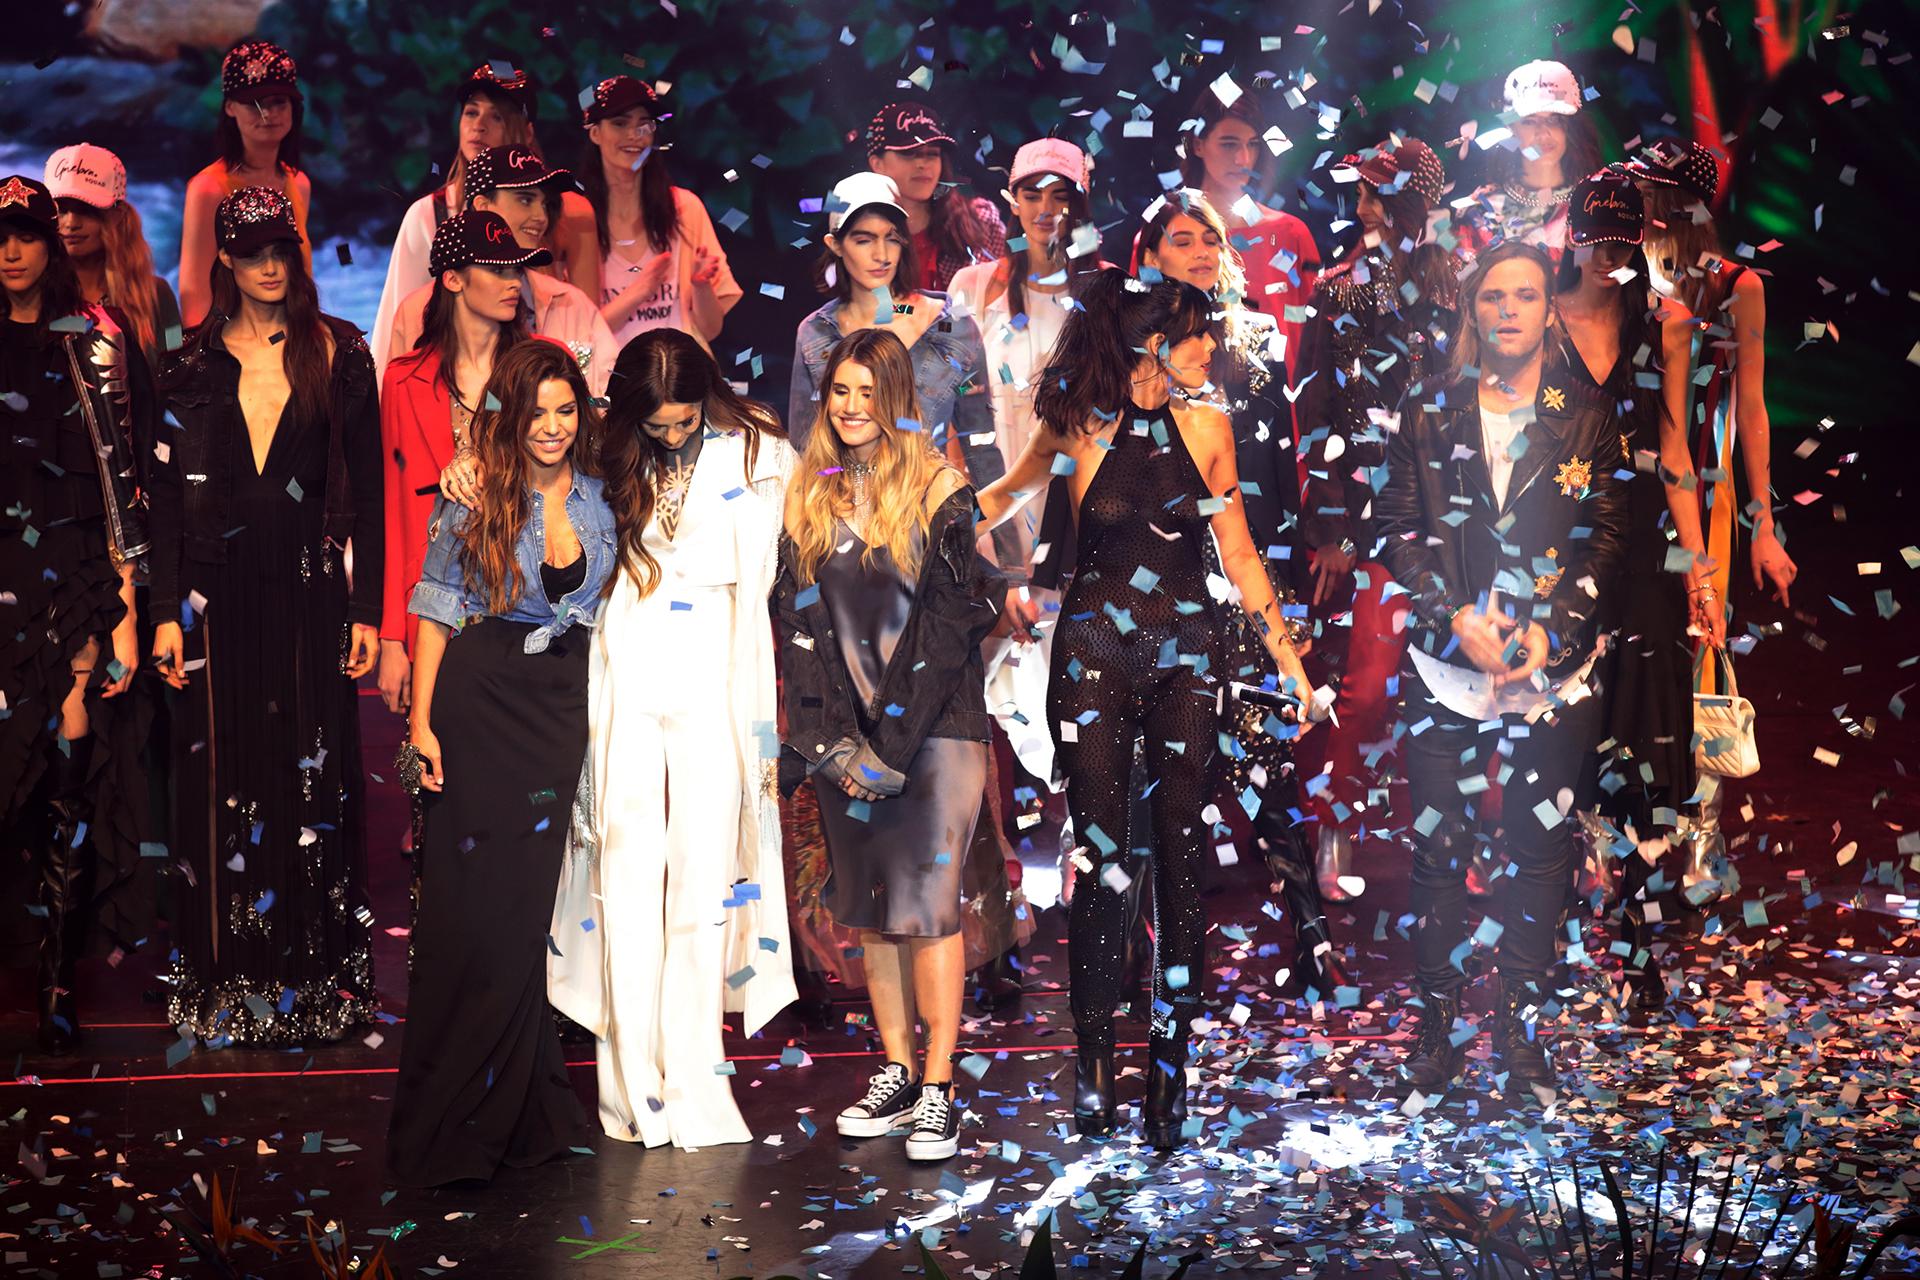 Micaela y Romina hicieron la presentación de la colección primavera-verano 2018 con un mega desfile en el cantaron Candelaria Tinelli, Oriana Sabatini y Benjamín Amadeo, entre otros (Crédito: Teleshow)